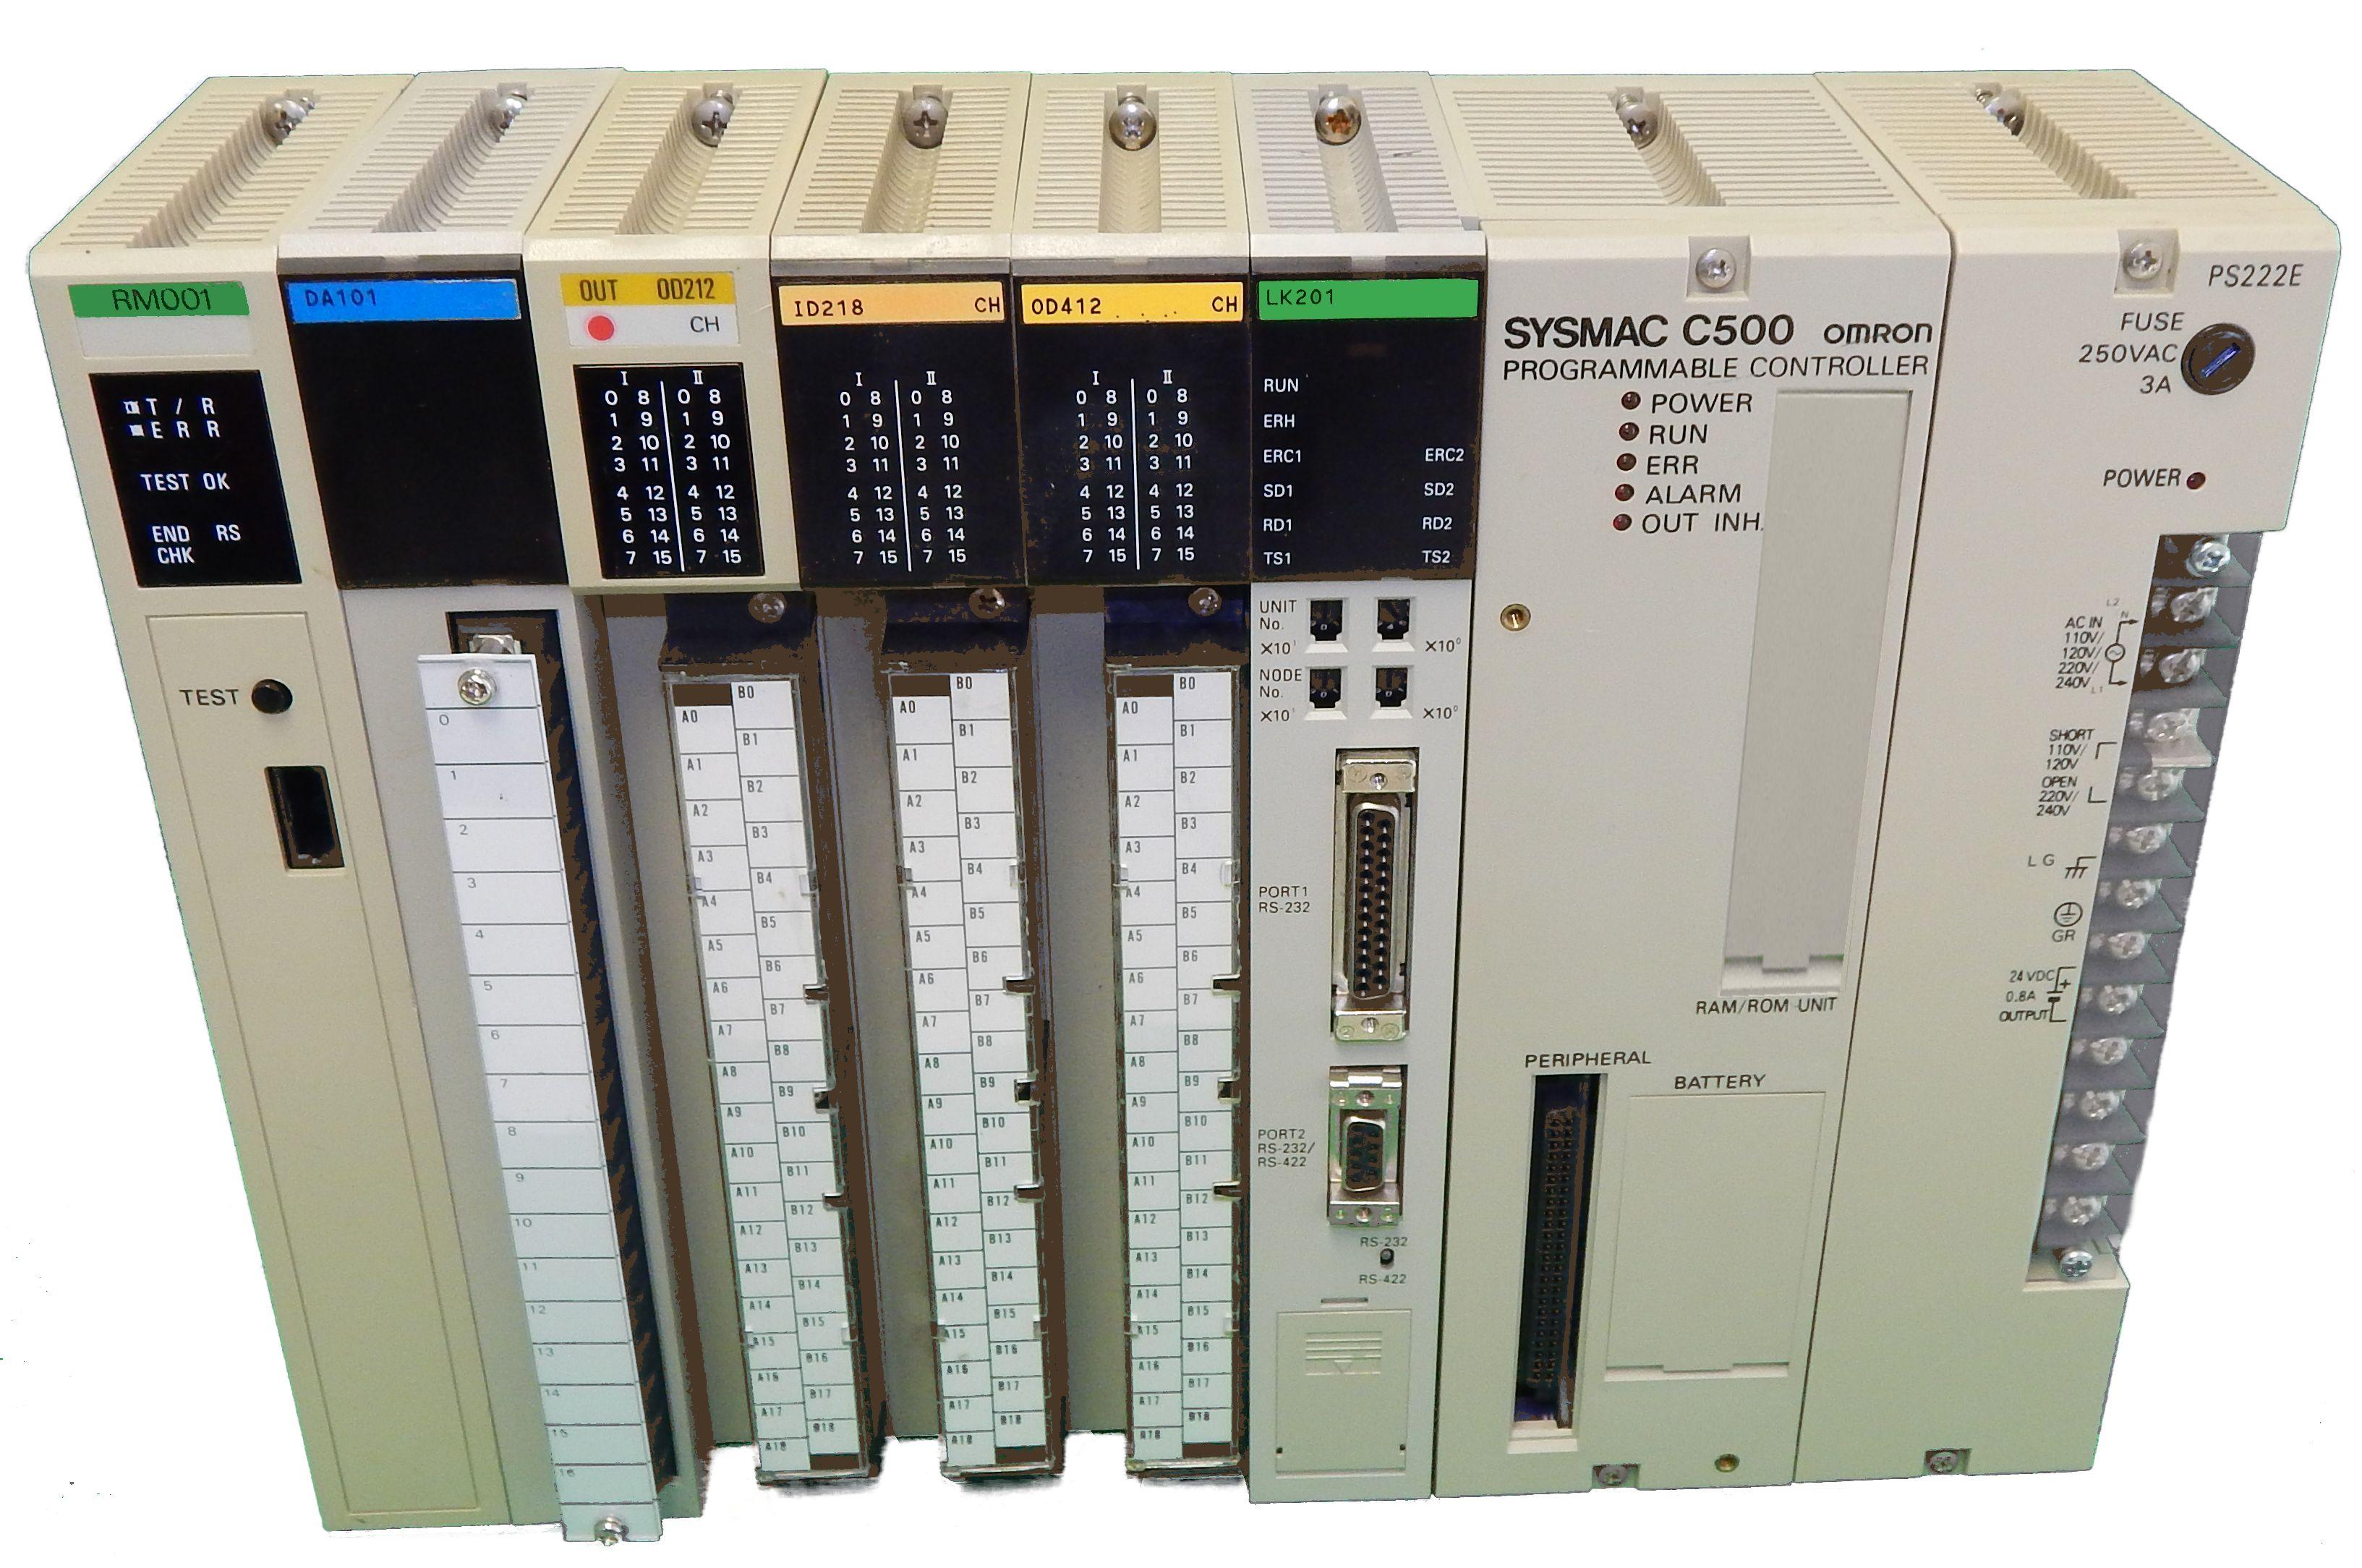 3G2C5-MR341